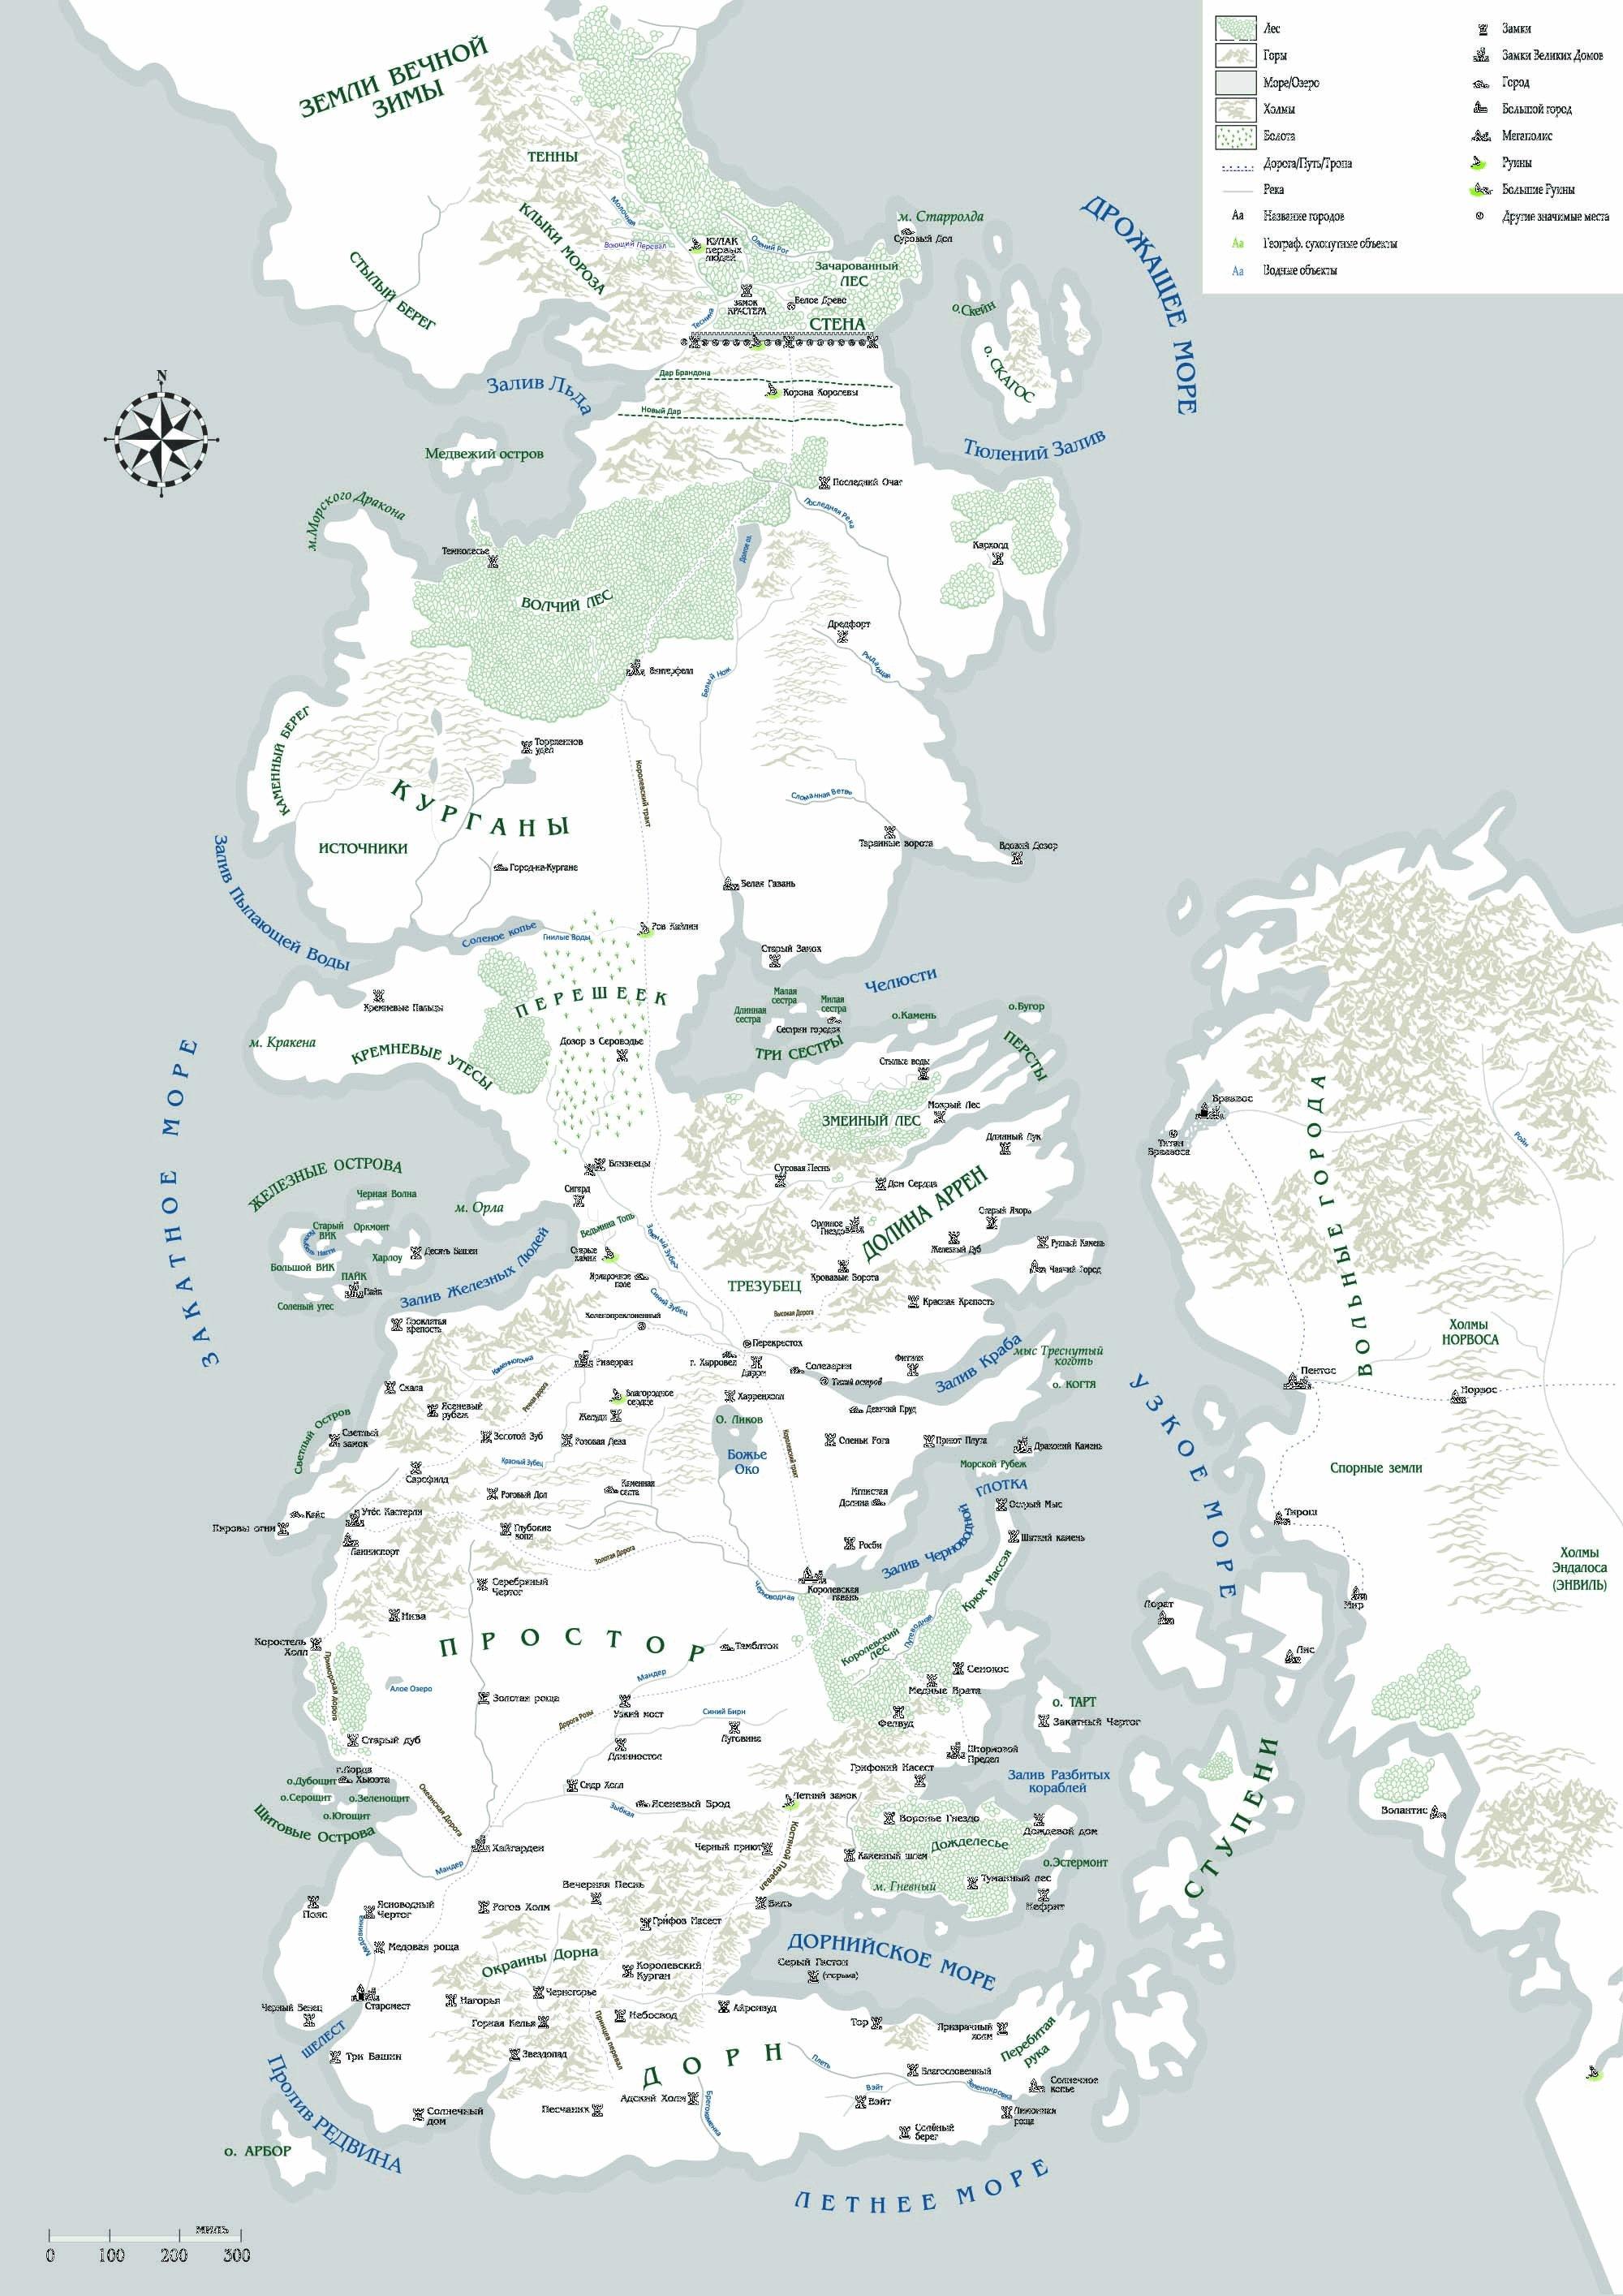 Карта Вестероса На Русском